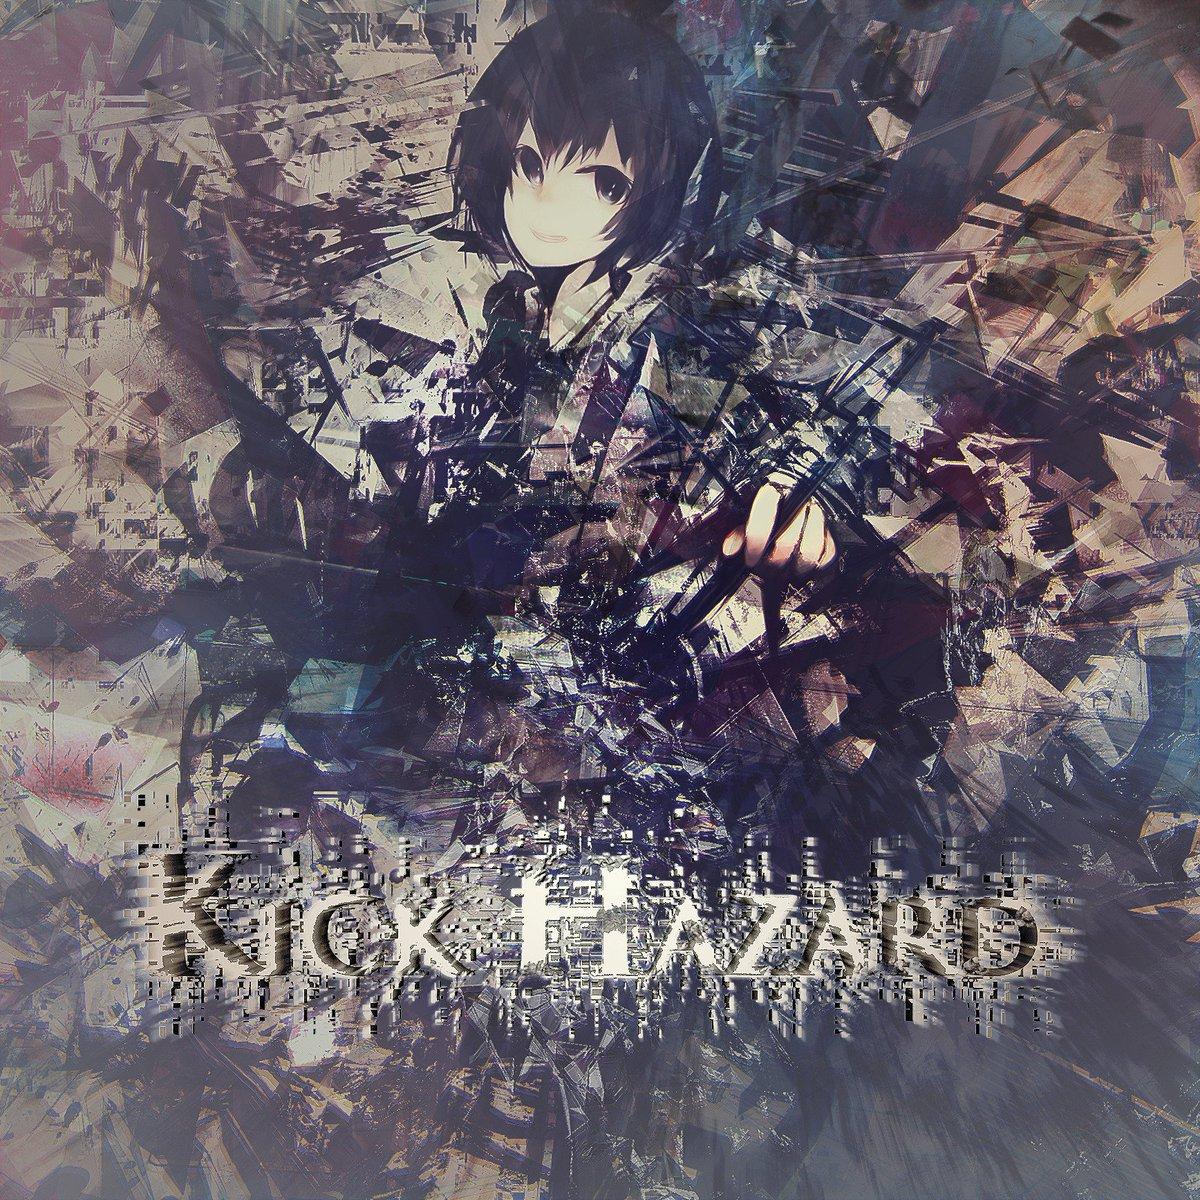 """キック強いコンピこと""""KICK HAZARD""""のジャケット公開しています!!総44曲で年内にフリーリリース!!!!ジャケットデザインはあめの(@ameno_naka )さん!ジャケも中身も最高にヤバイぞ!!! #Kickhazard https://t.co/ScmoJOSrpR"""